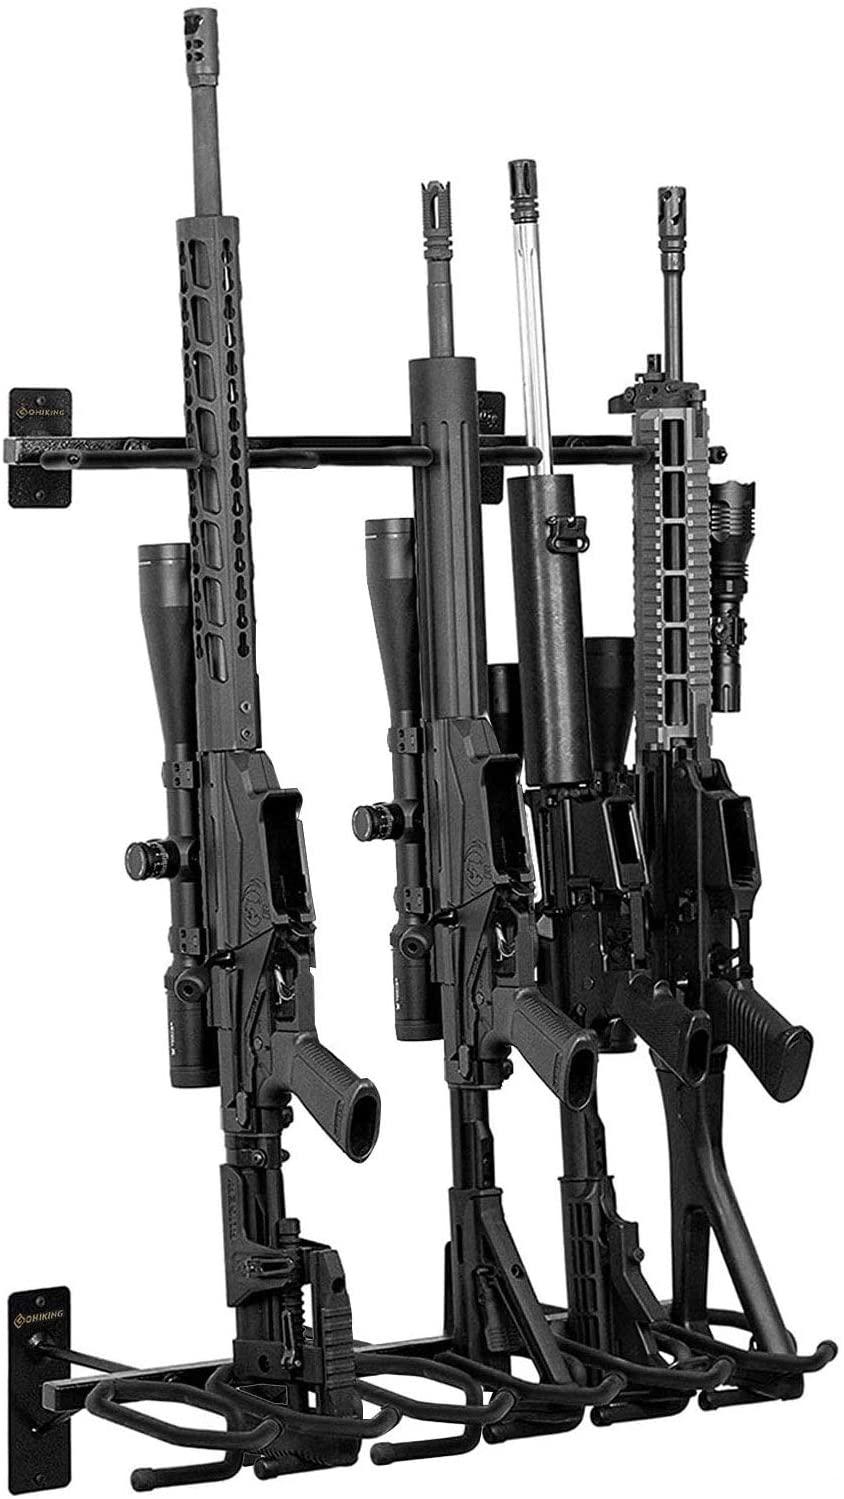 GOHIKINGL 금속 총 랙 WALL MOUNT 소총 산탄총 후크를 개최 6 개 및 활 산 옷걸이프 패딩 벽 총 랙 디스플레이 스탠드